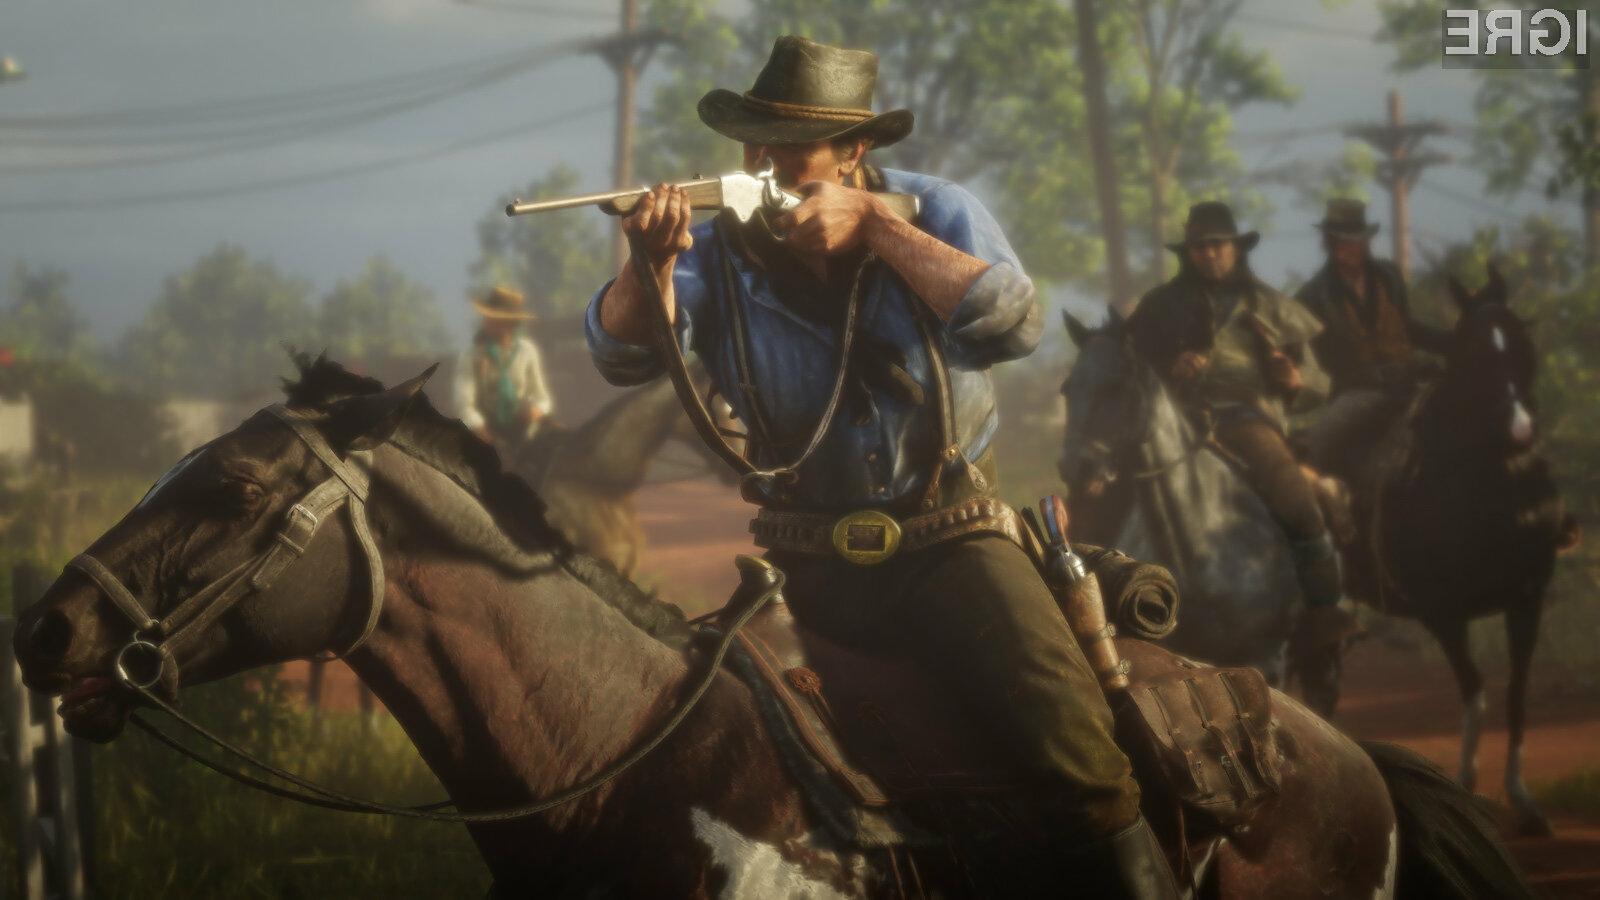 Podjetje je nazadnje izdalo kavbojščino Red Dead Redemption 2 za PC.